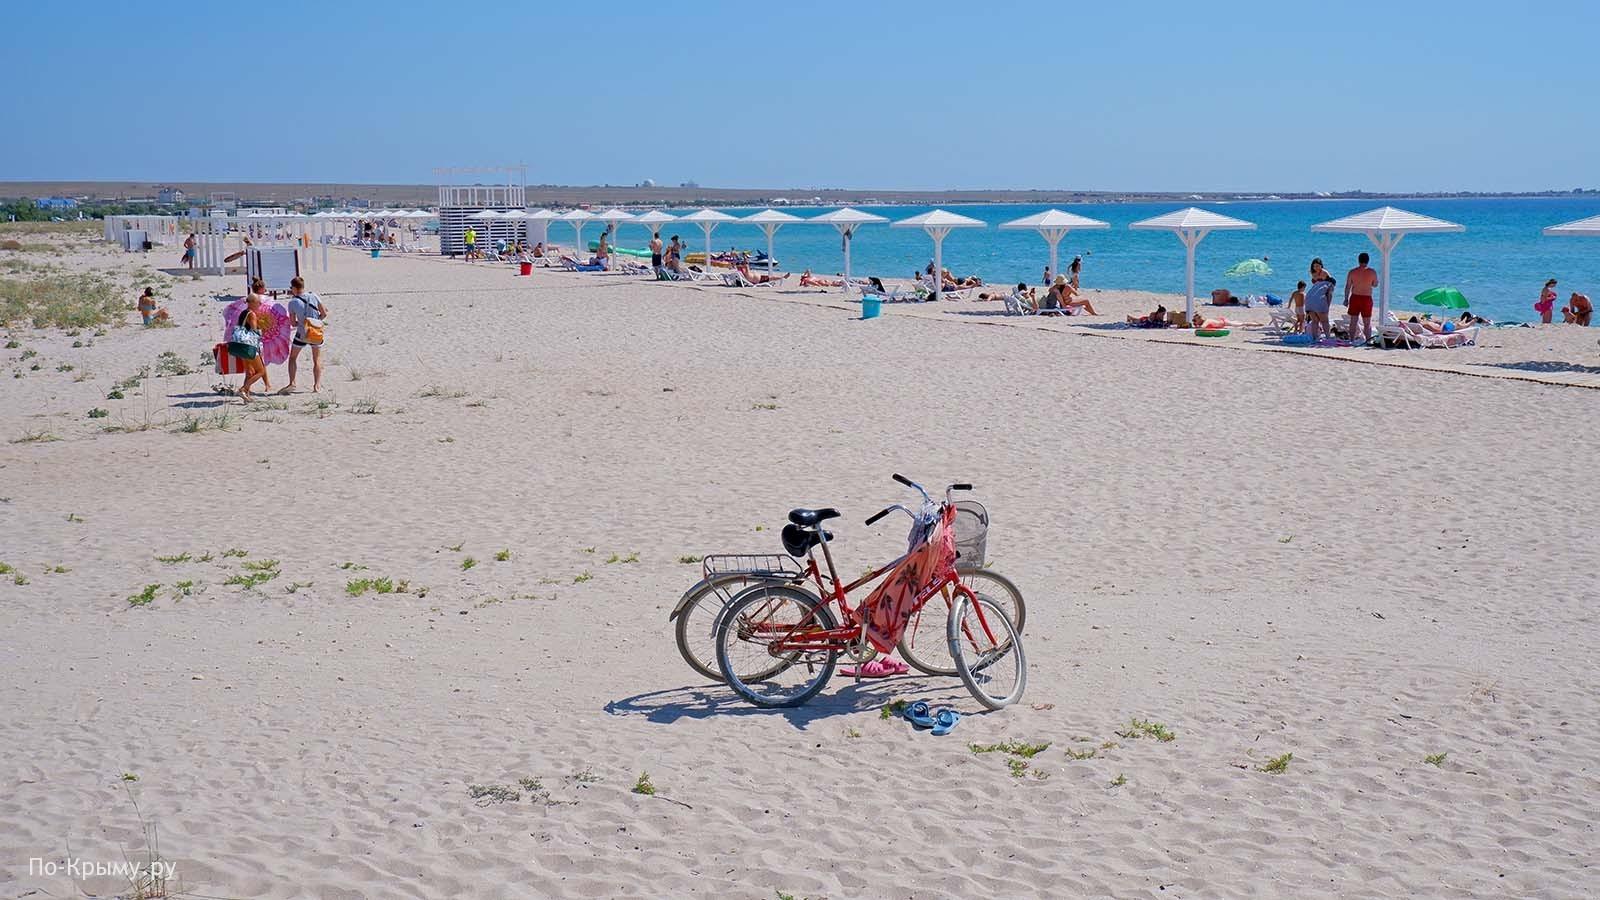 Пляж «Майями» в Оленевке №ЧР-6